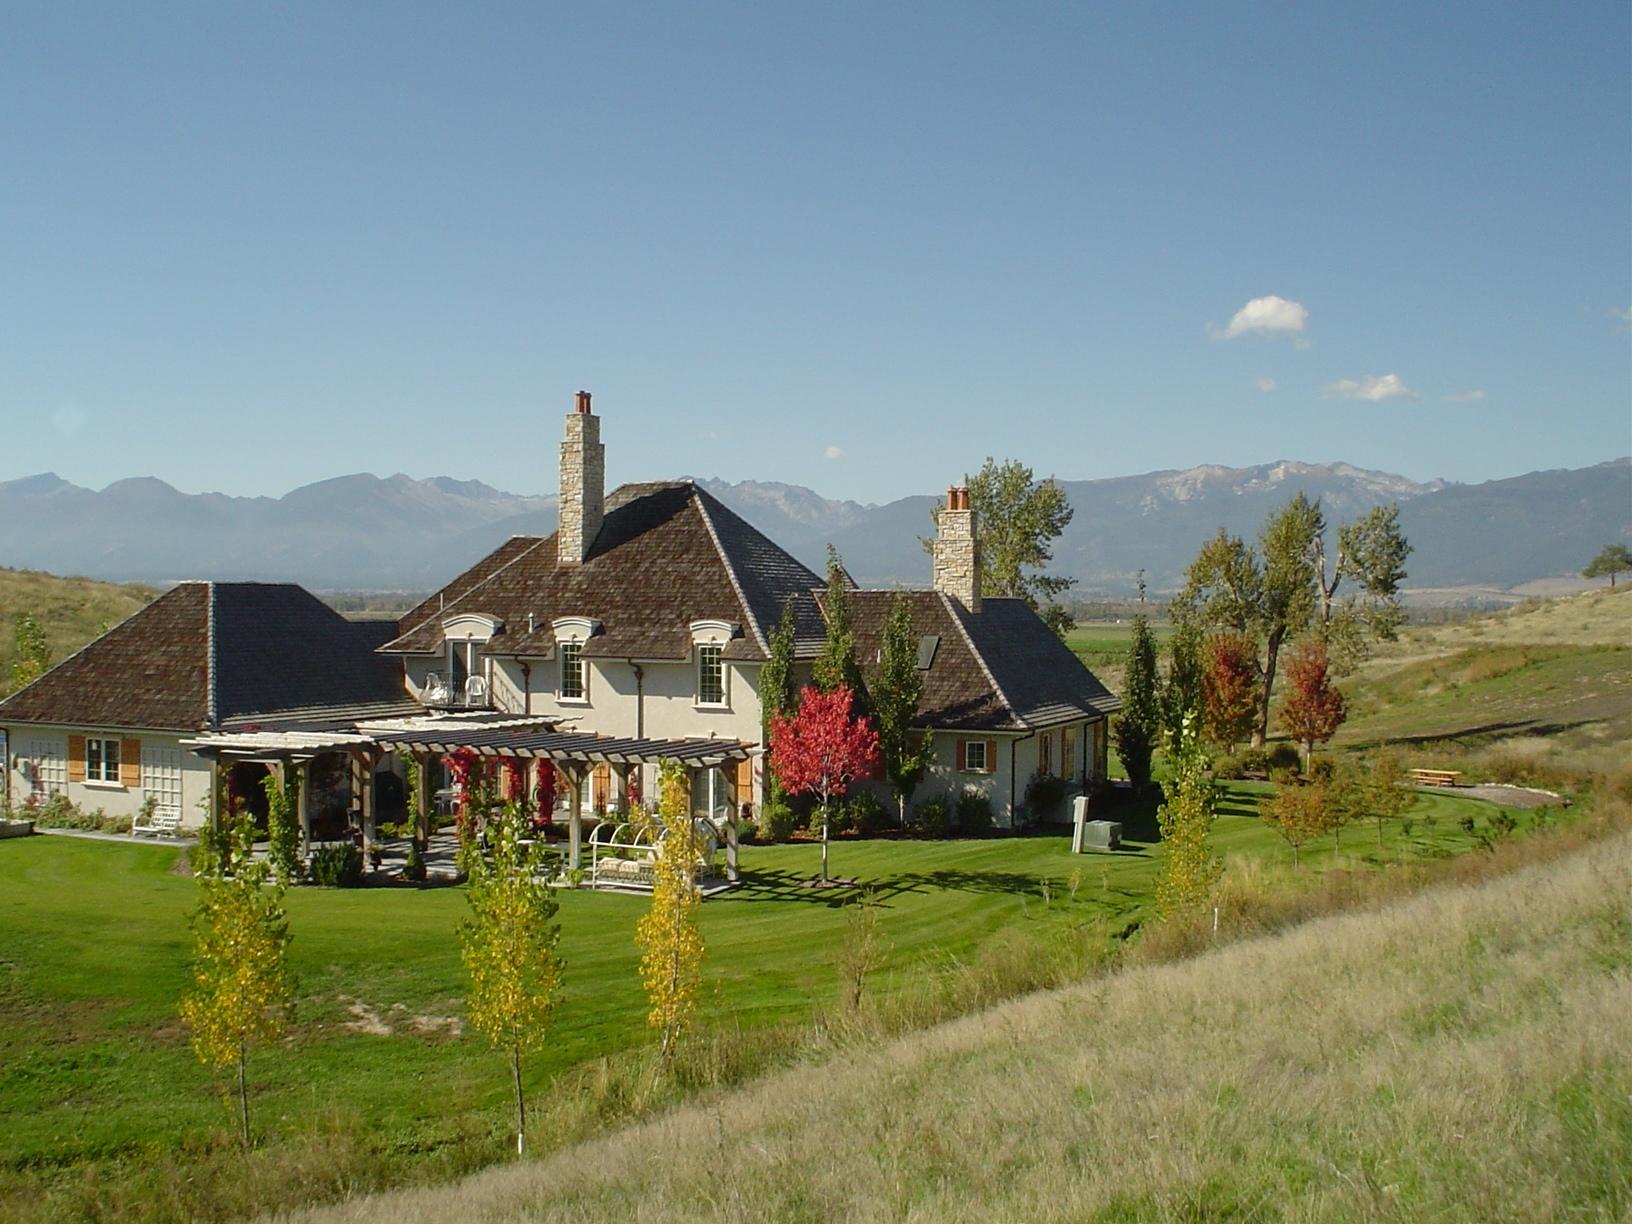 Casa Unifamiliar por un Venta en Petite Chateau 421 Spooner Creek Lane Stevensville, Montana, 59870 Estados Unidos